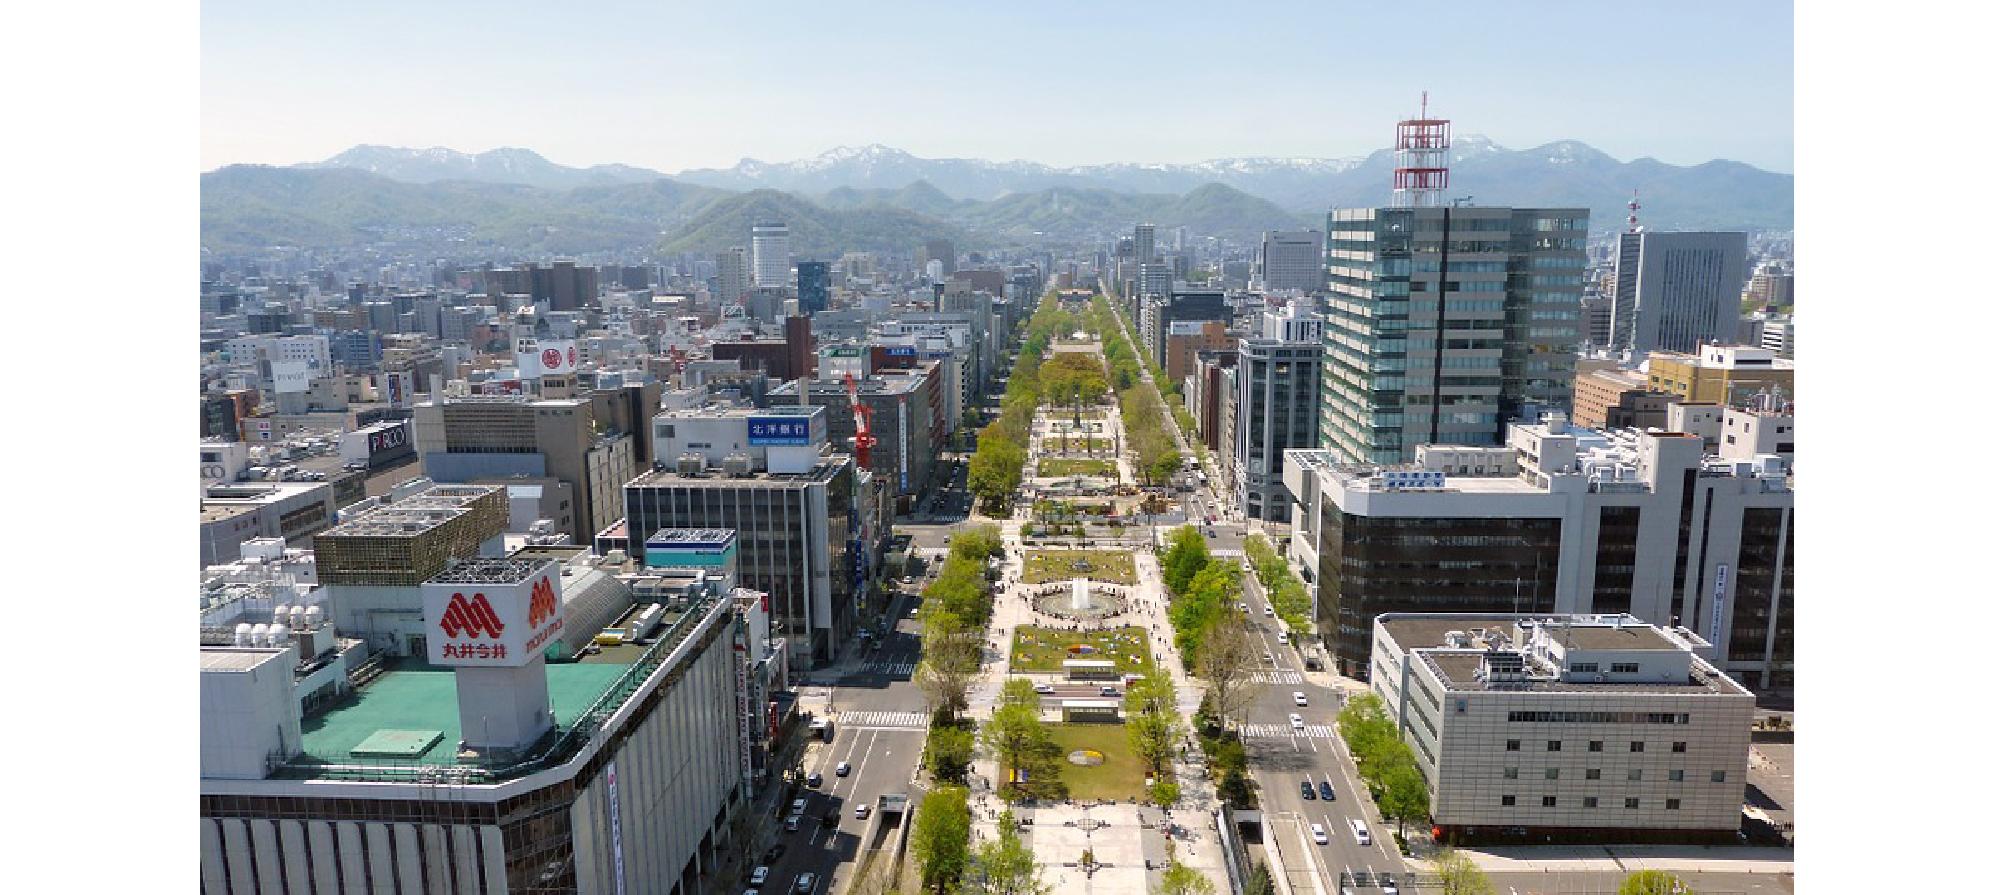 獨自一人出走:遇上如此美好的北海道